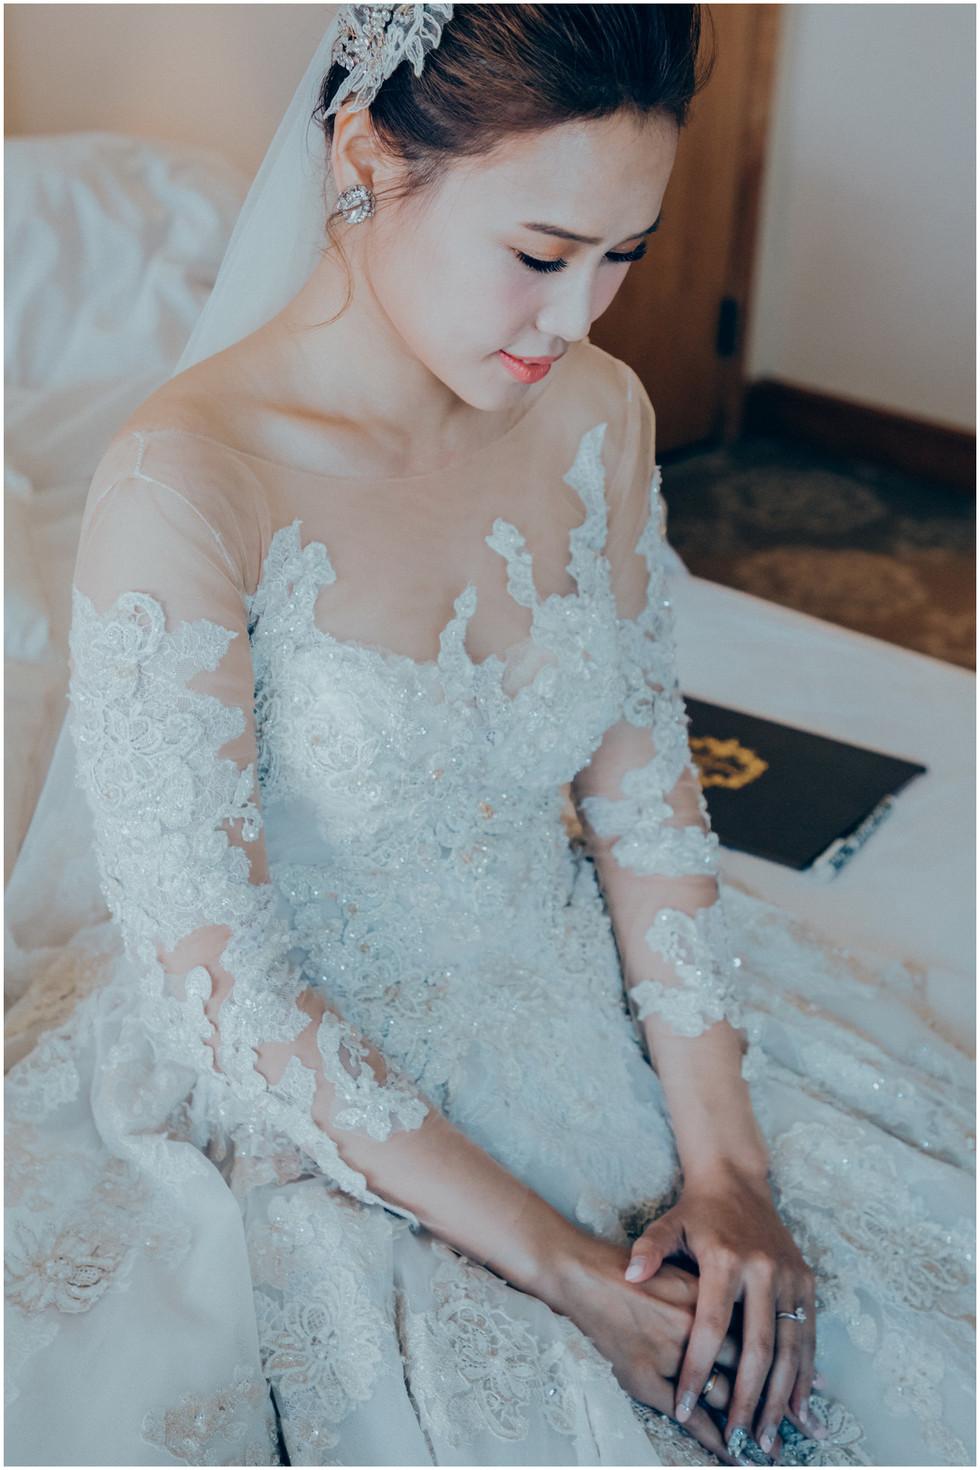 婚禮紀錄 / 平面攝影 / 訂婚 / 結婚 / 類婚紗 / 金典酒店